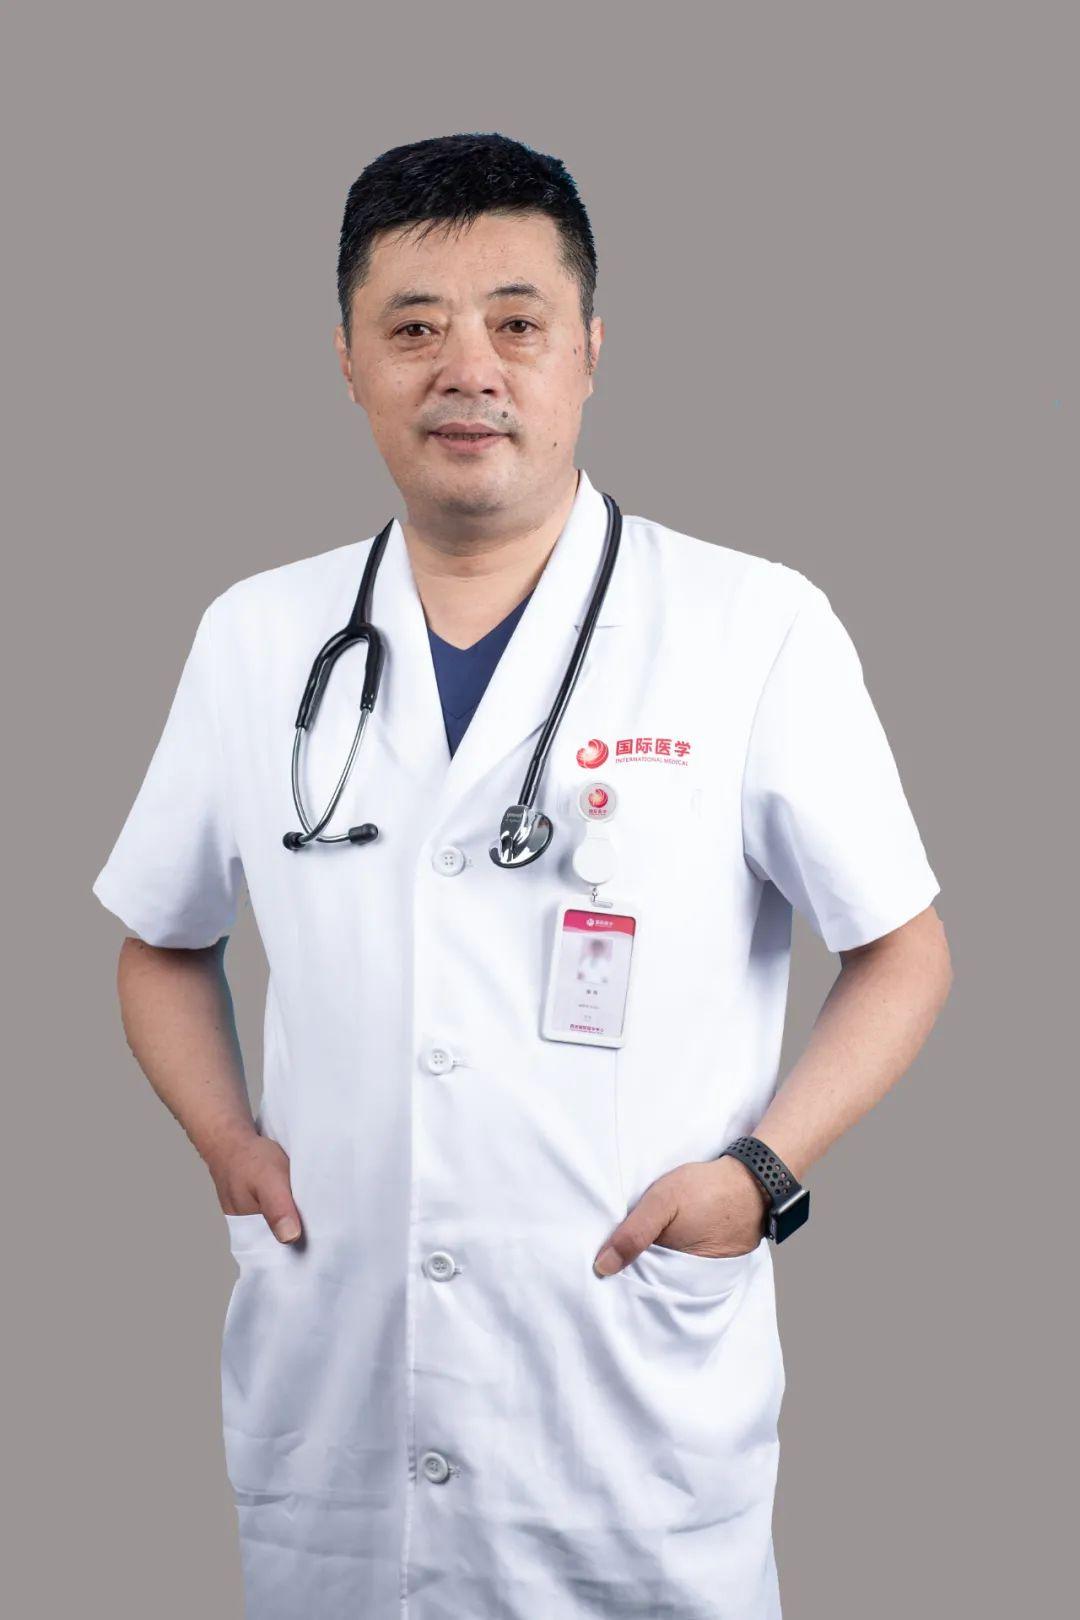 大医之道|柴伟:甘做生命之门的守护者